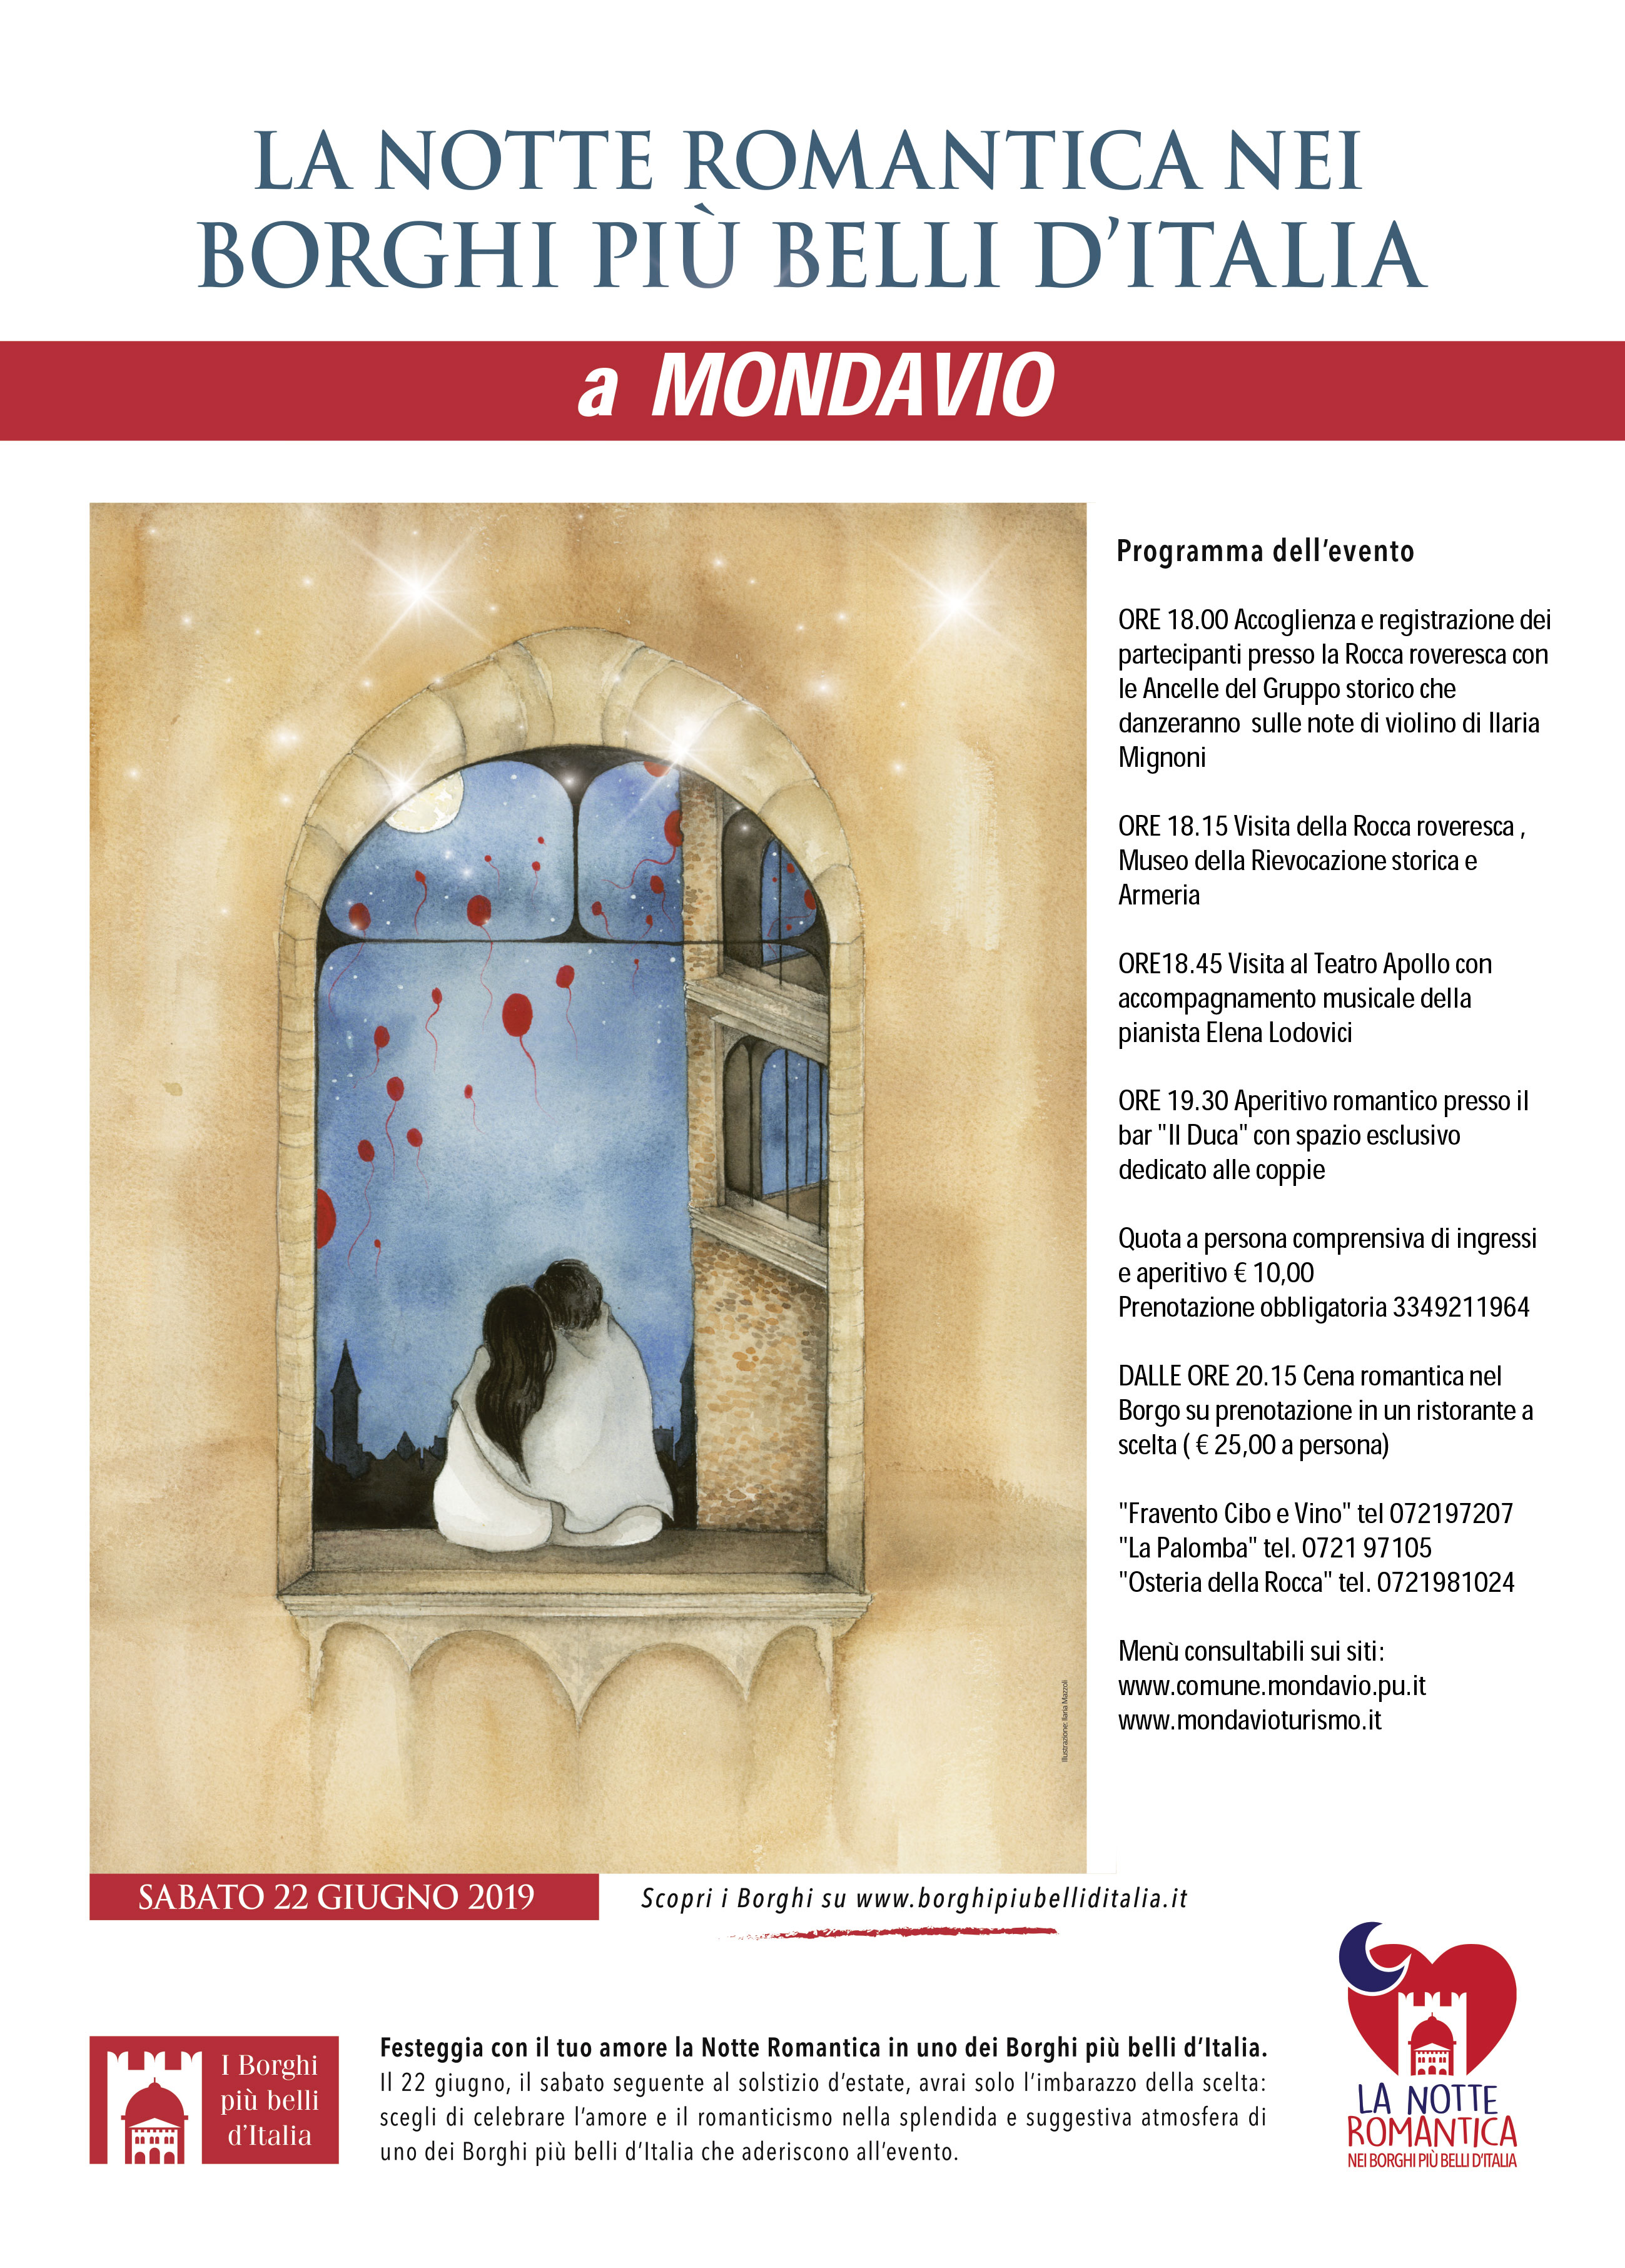 La Notte Romantica Nei Borghi Più Belli D'Italia – Mondavio 🗓 🗺